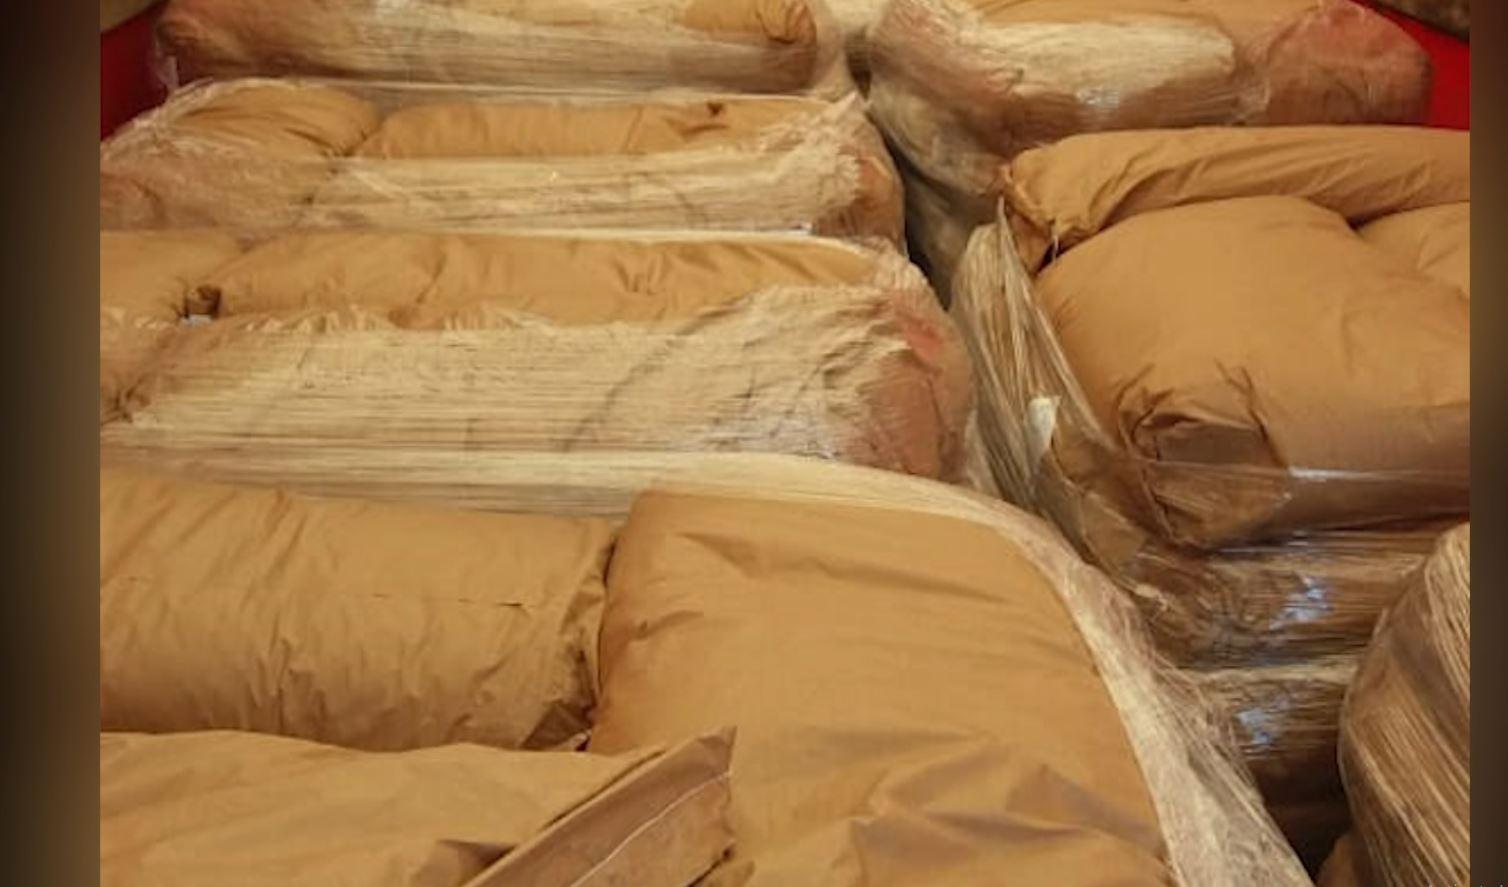 AKU bllokon 375 kg kafe dhe 21.6 tonë qumësht pluhur